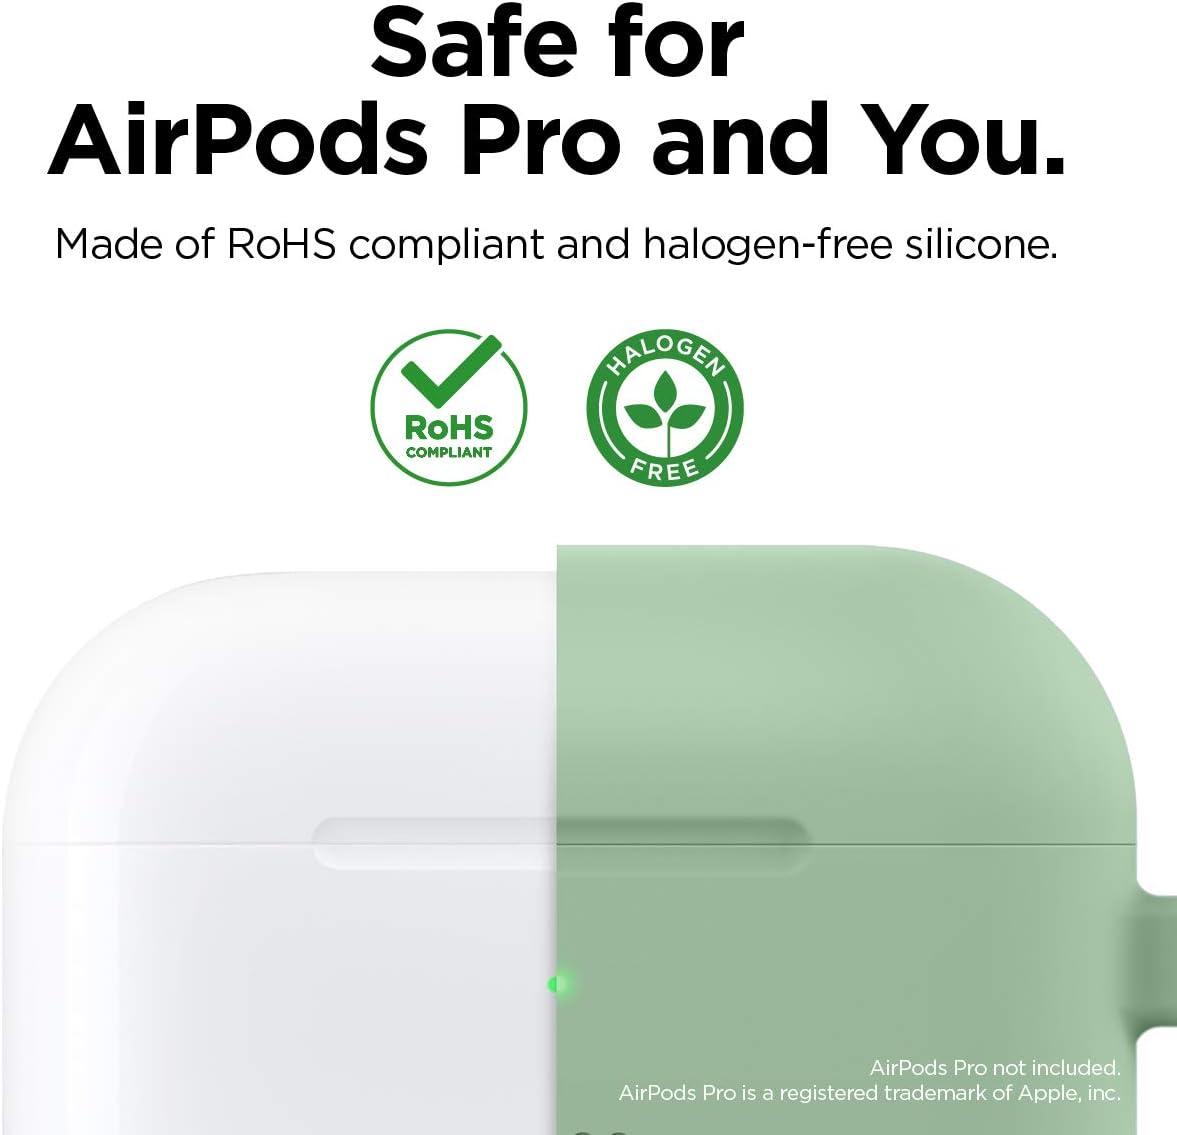 2019 Silicone de Qualit/é elago /Étui Original AirPods Pro Coque Silicone Case Housse Compatible avec AirPods Pro - Totale Protection Couverture sans Mousqueton, Rouge Test dajustement